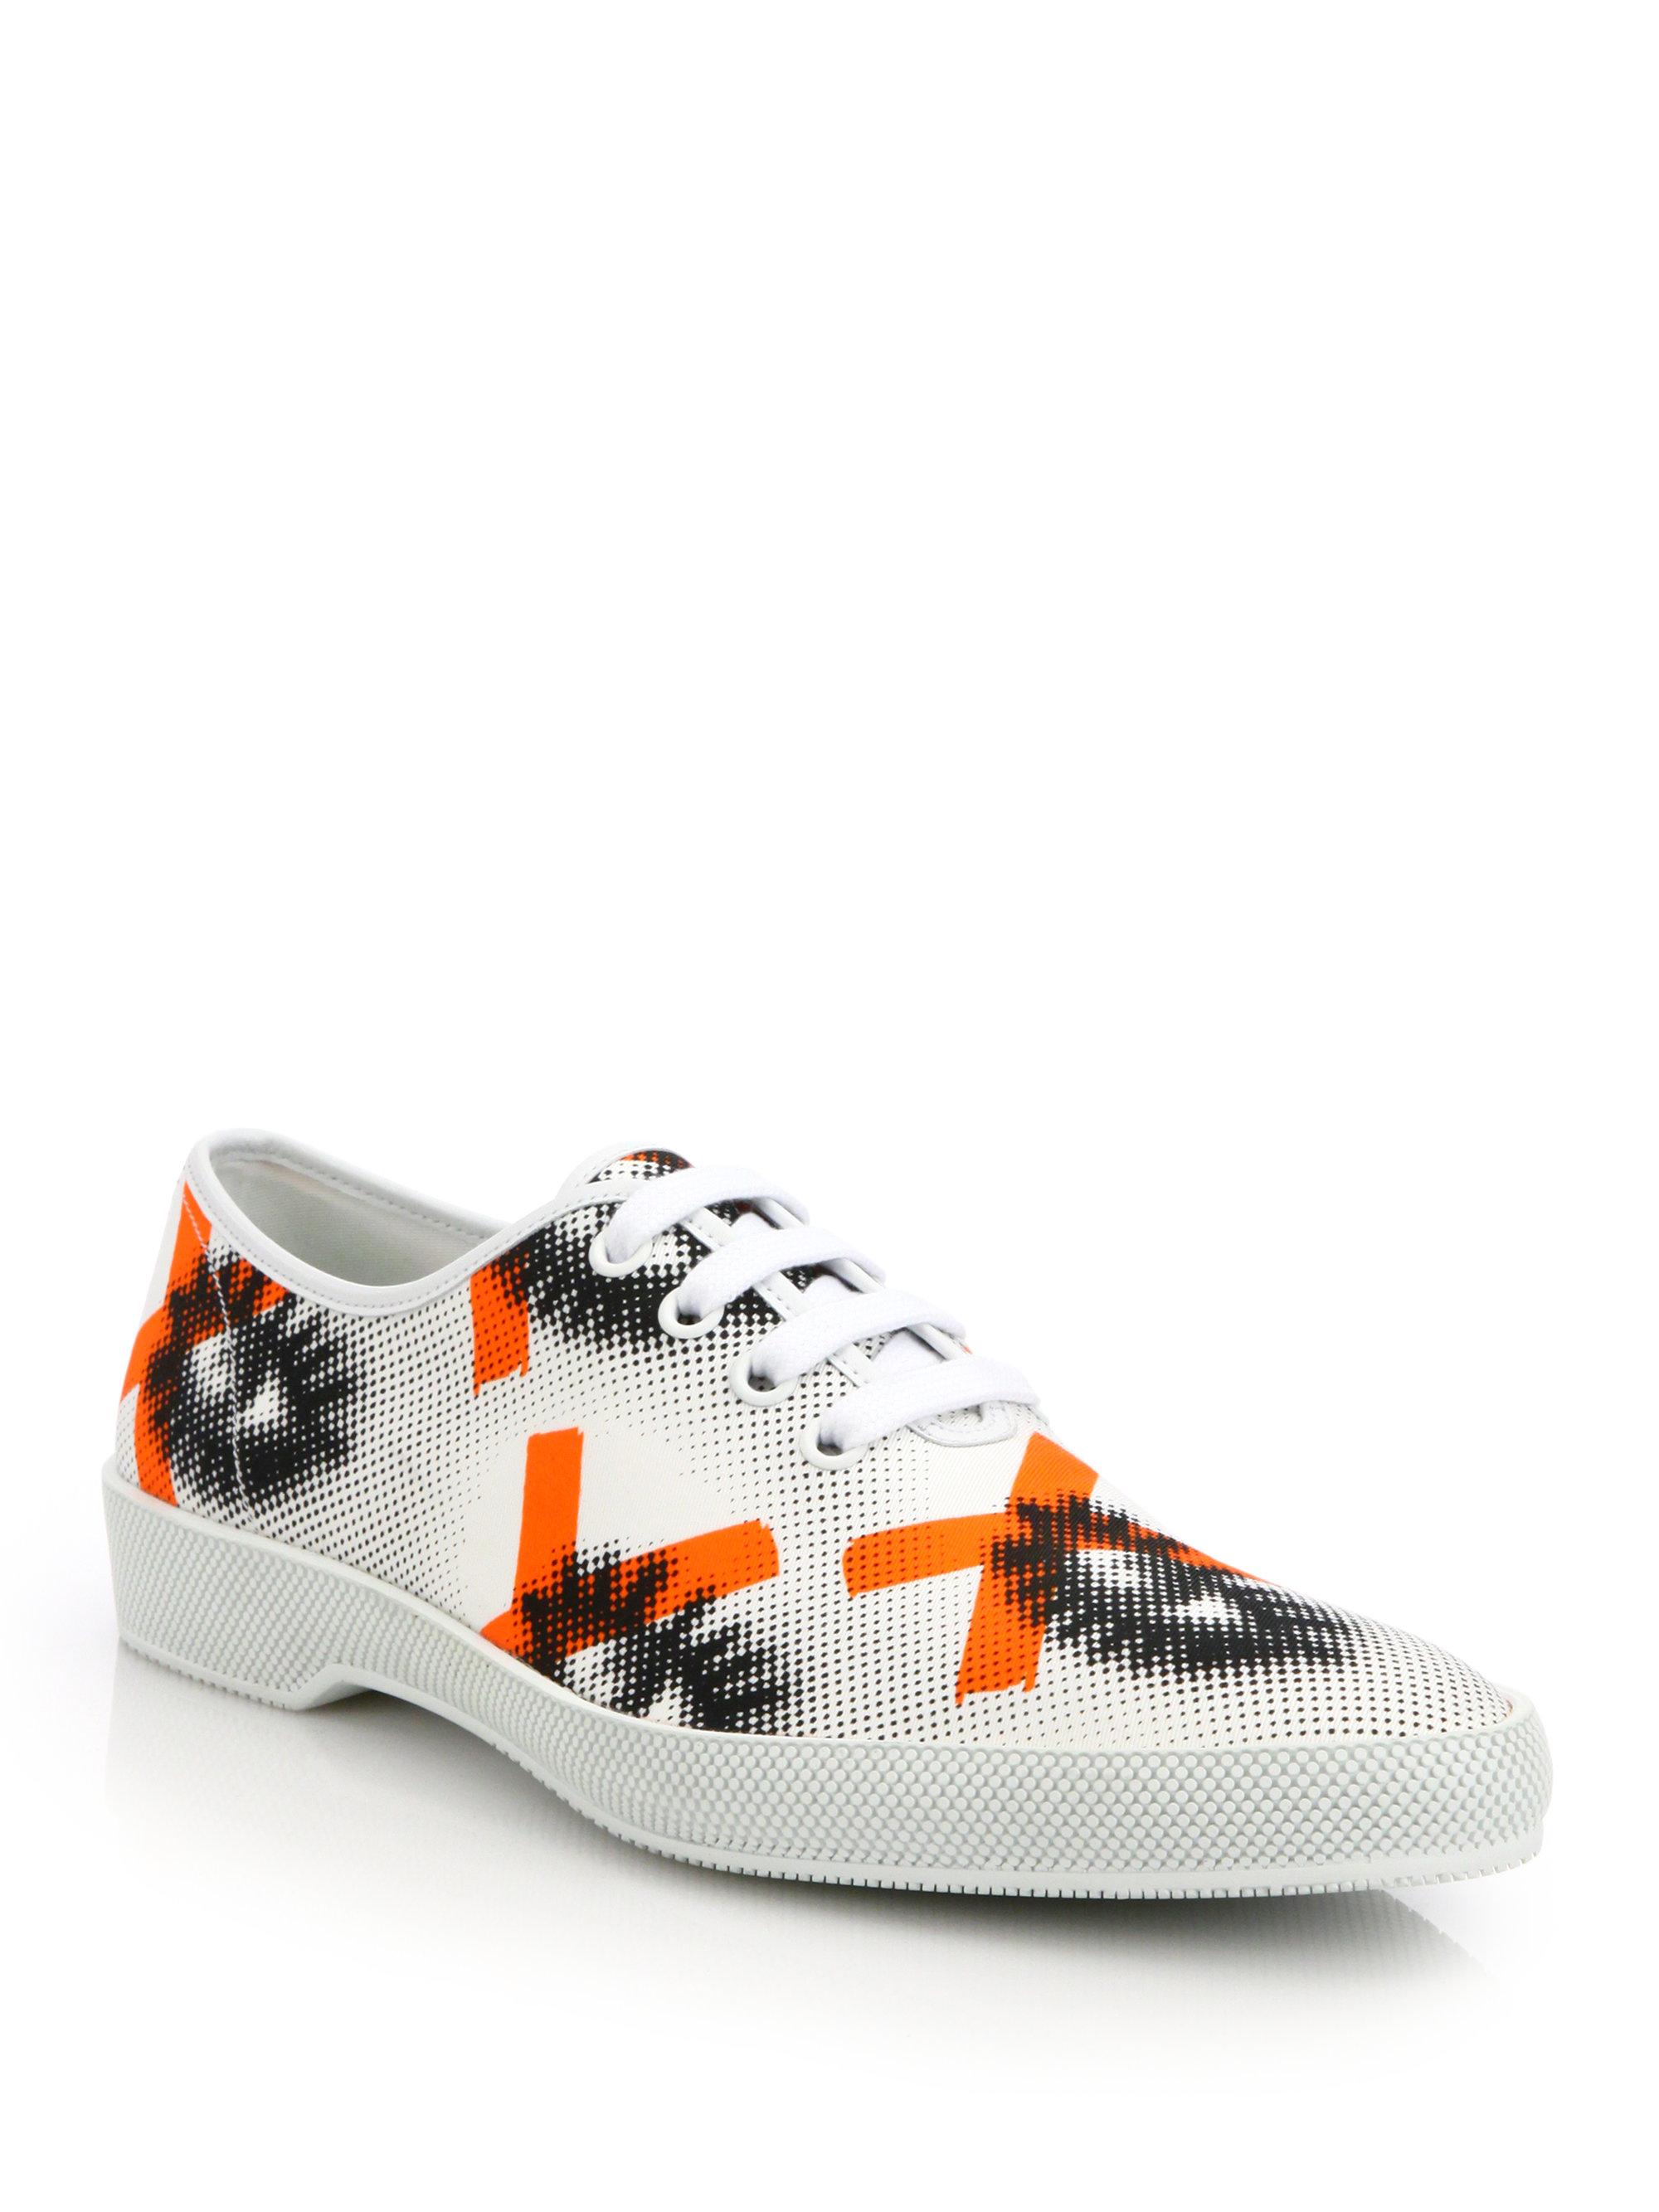 Prada Eye Print Canvas Sneakers In Orange For Men Lyst